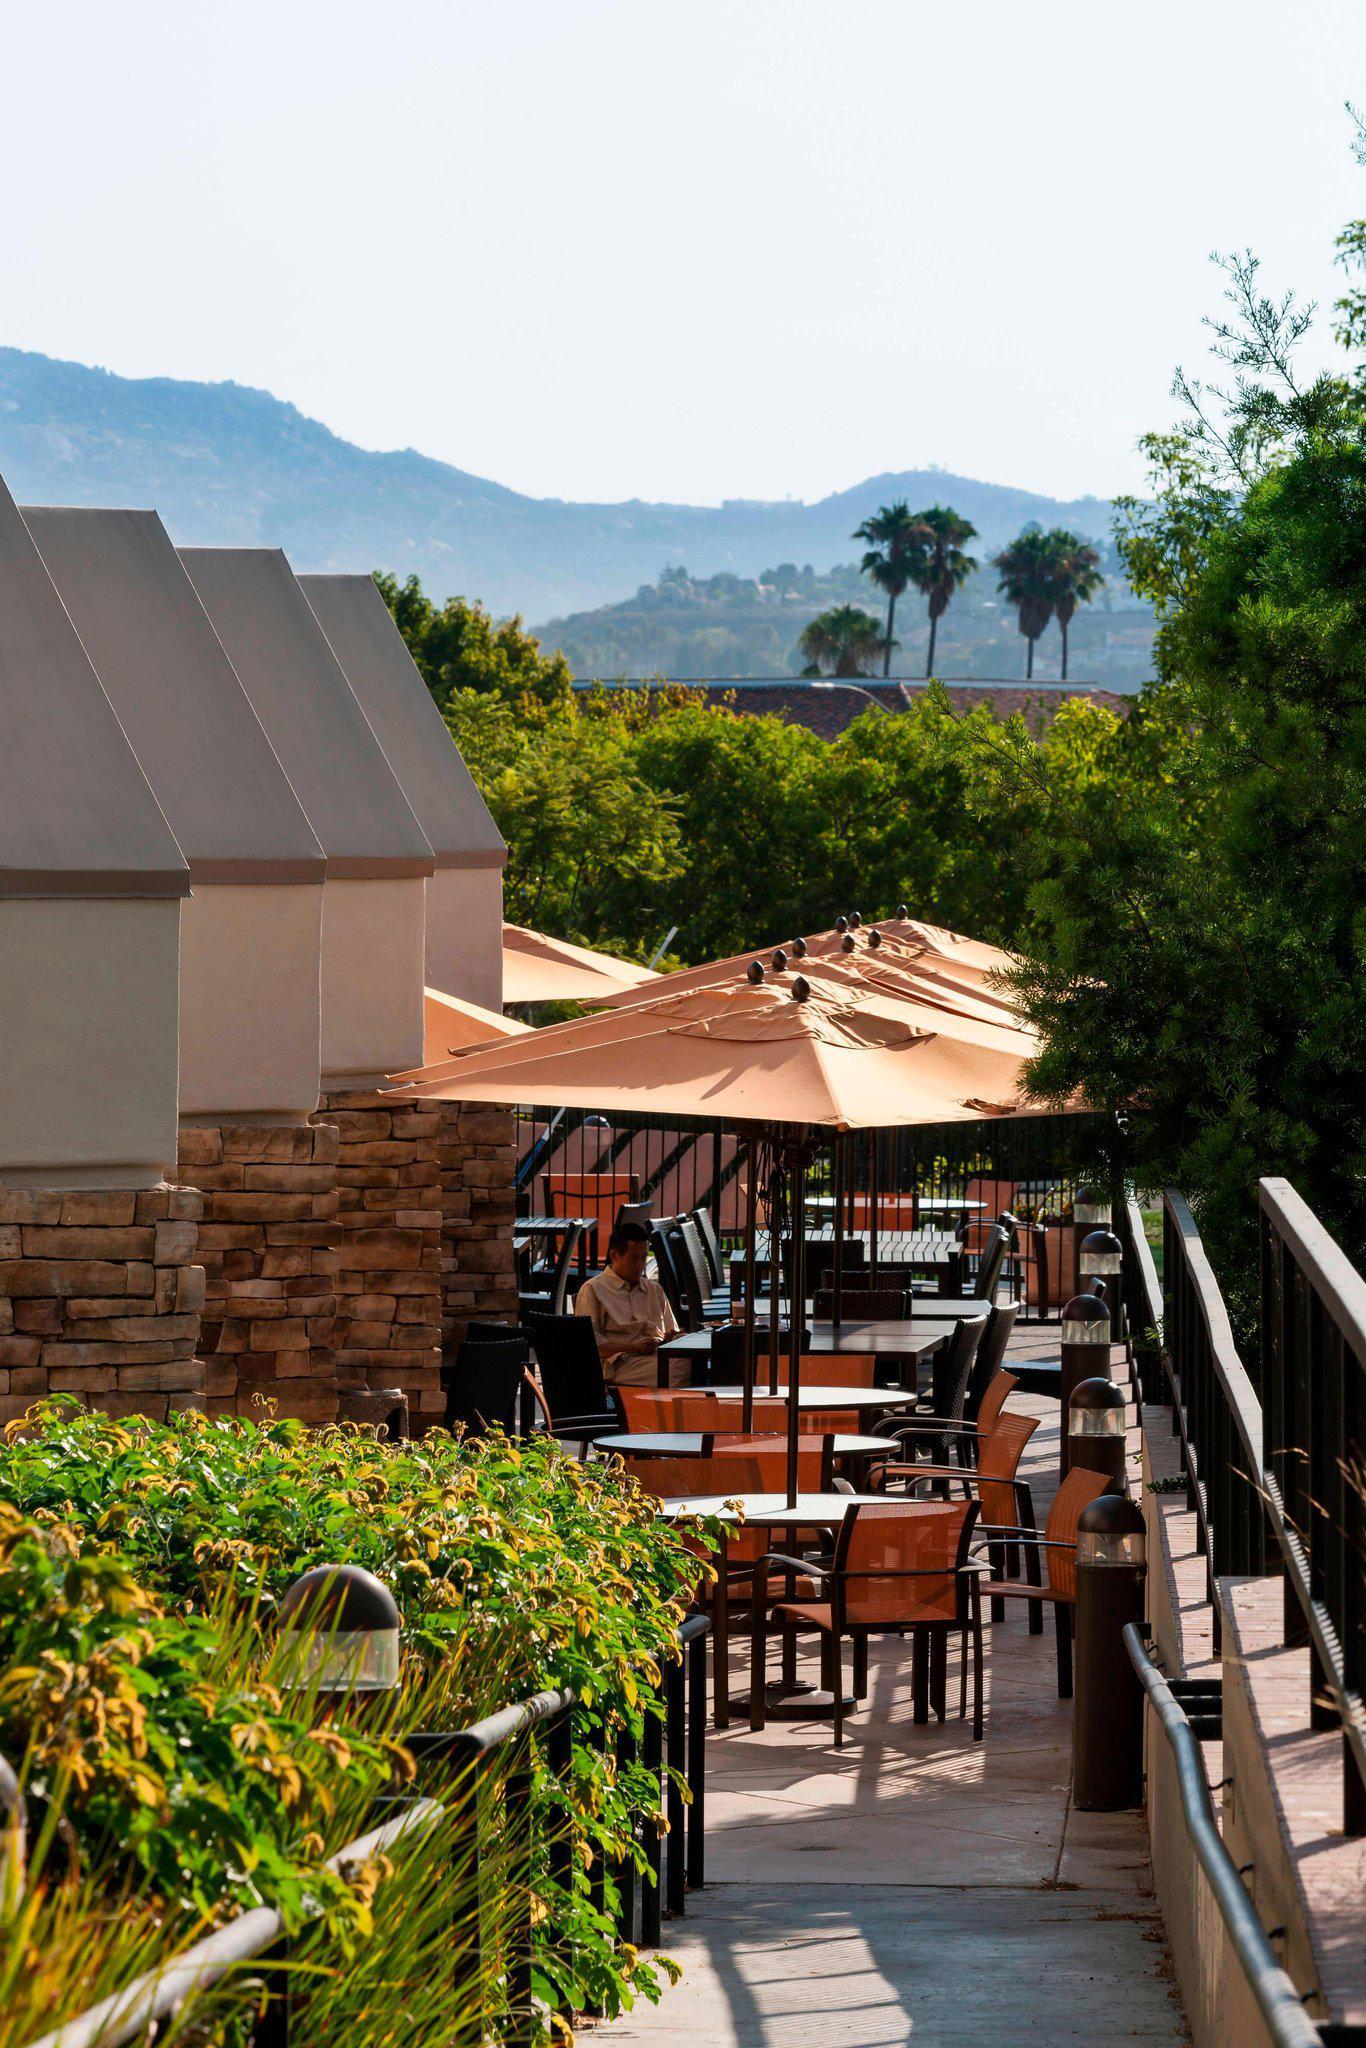 Courtyard by Marriott San Diego Rancho Bernardo